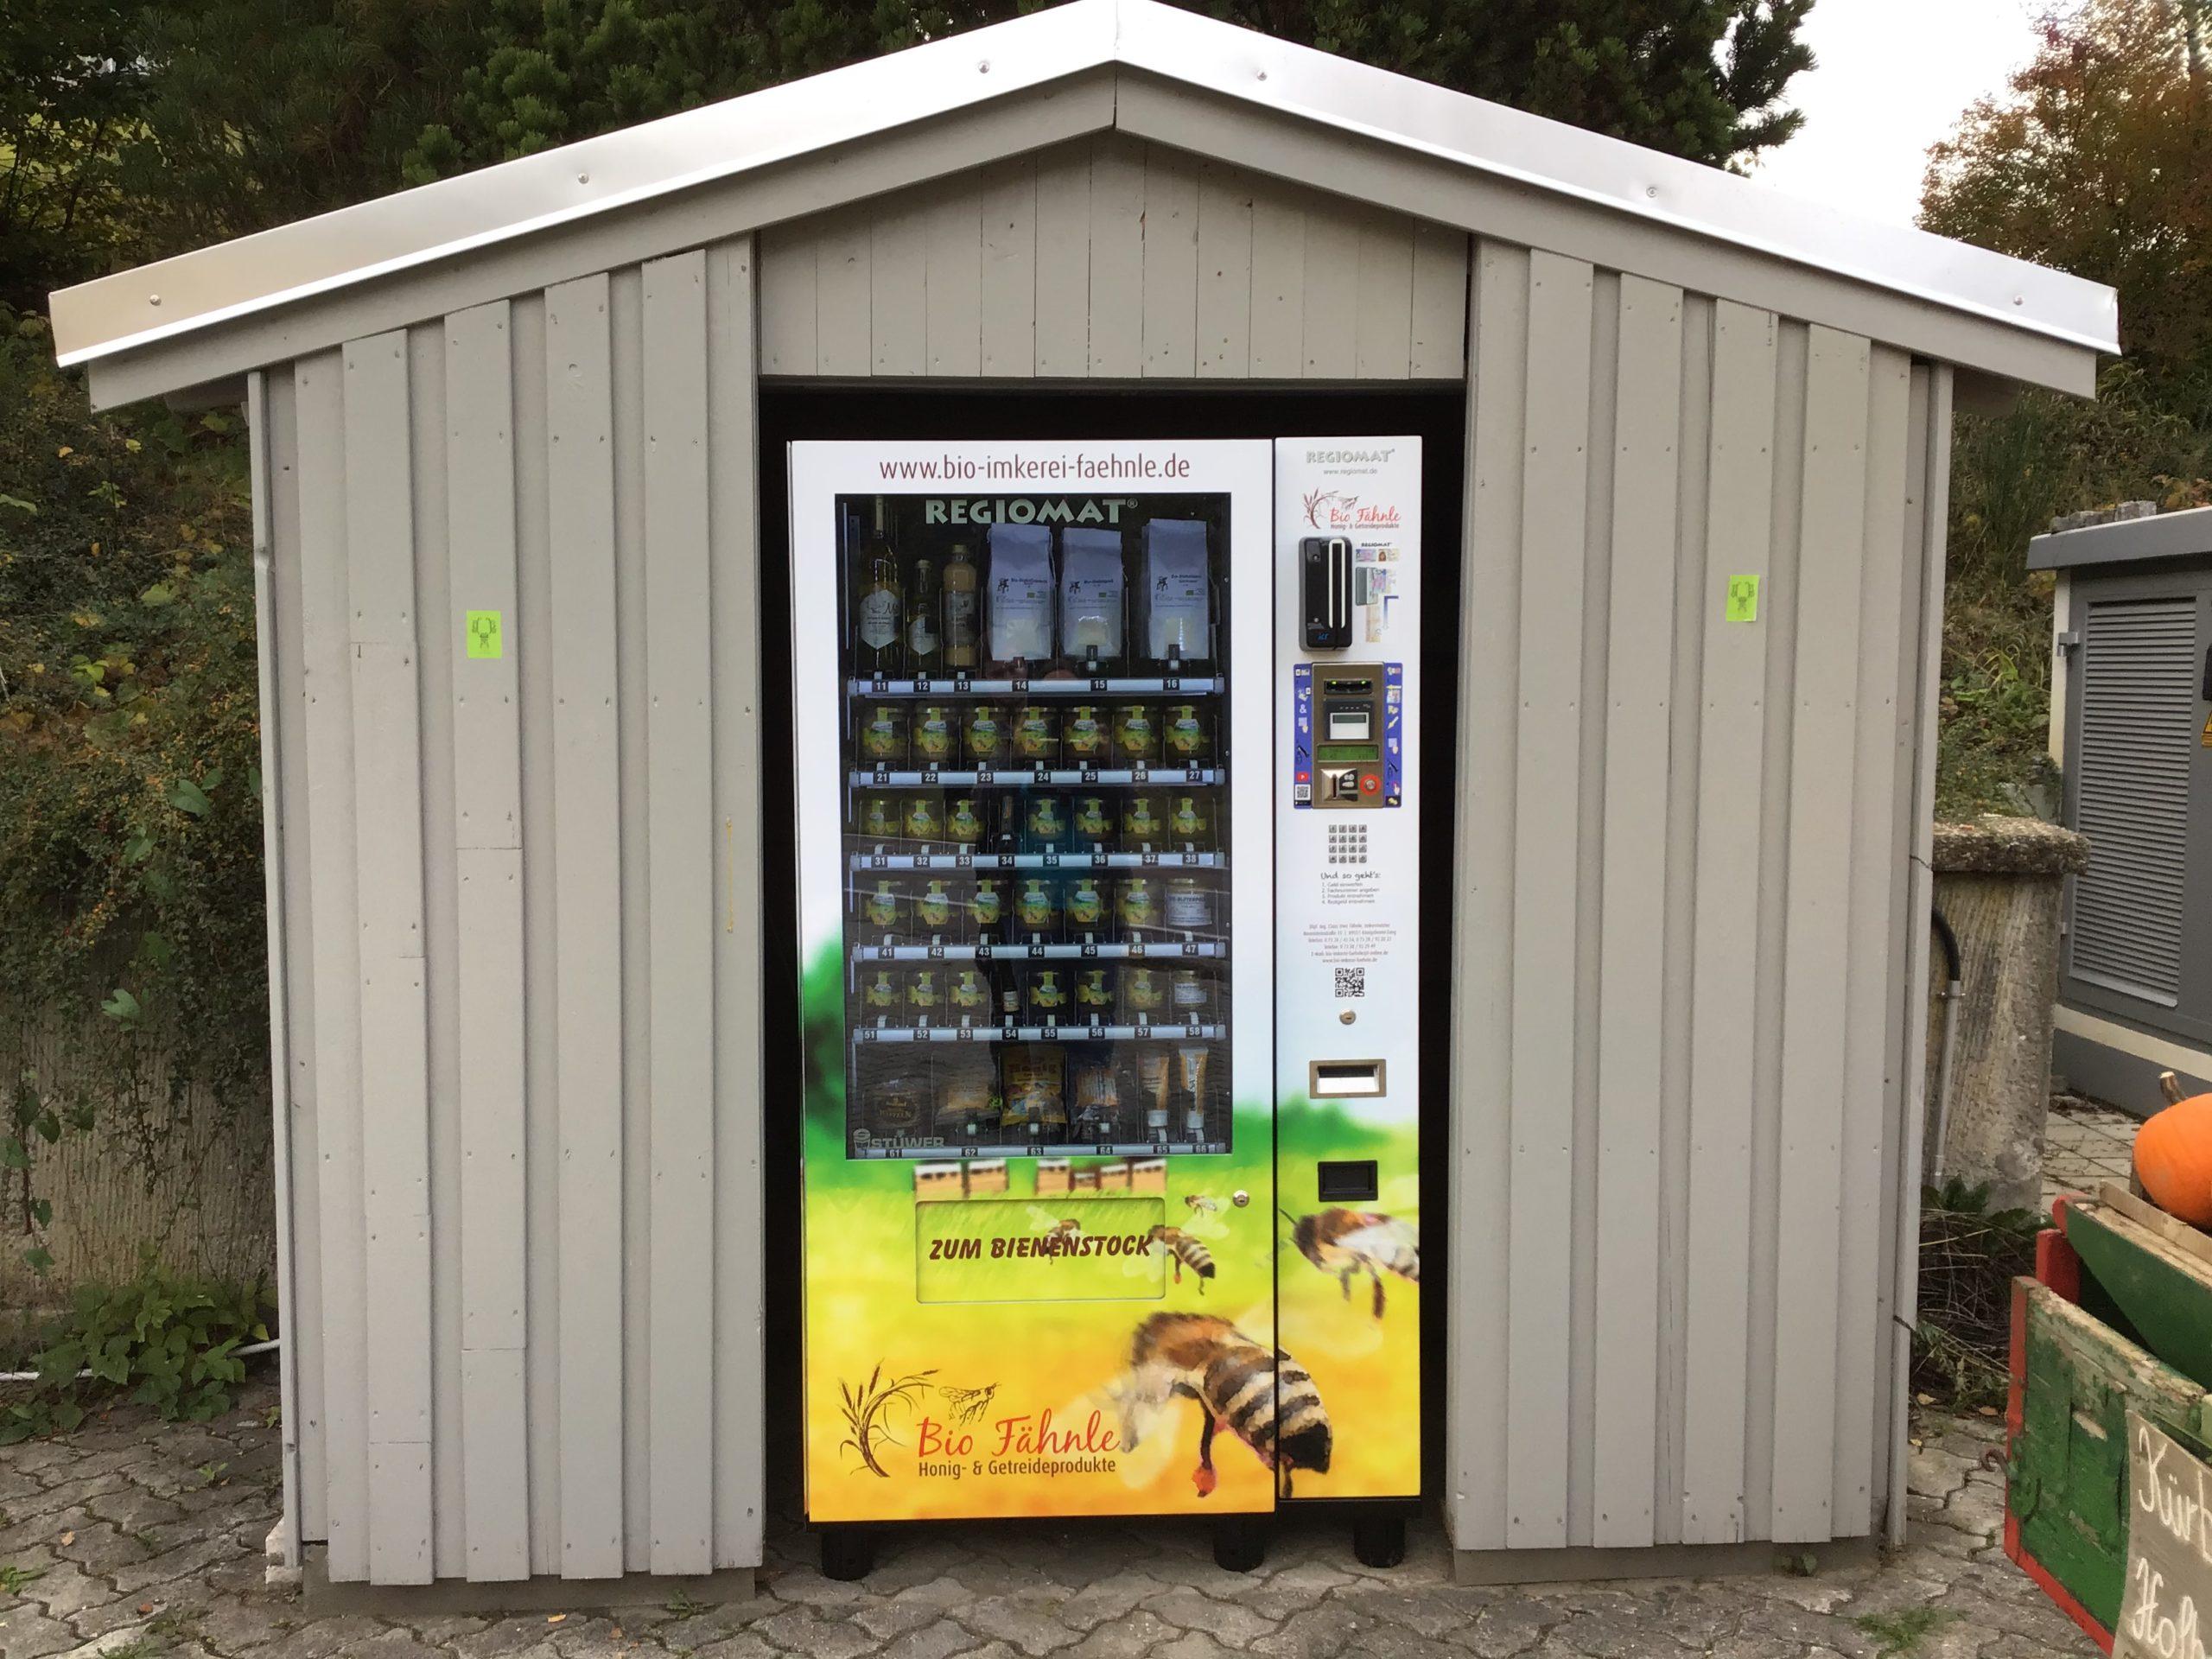 bioimkerei faehnle verkaufsautomat